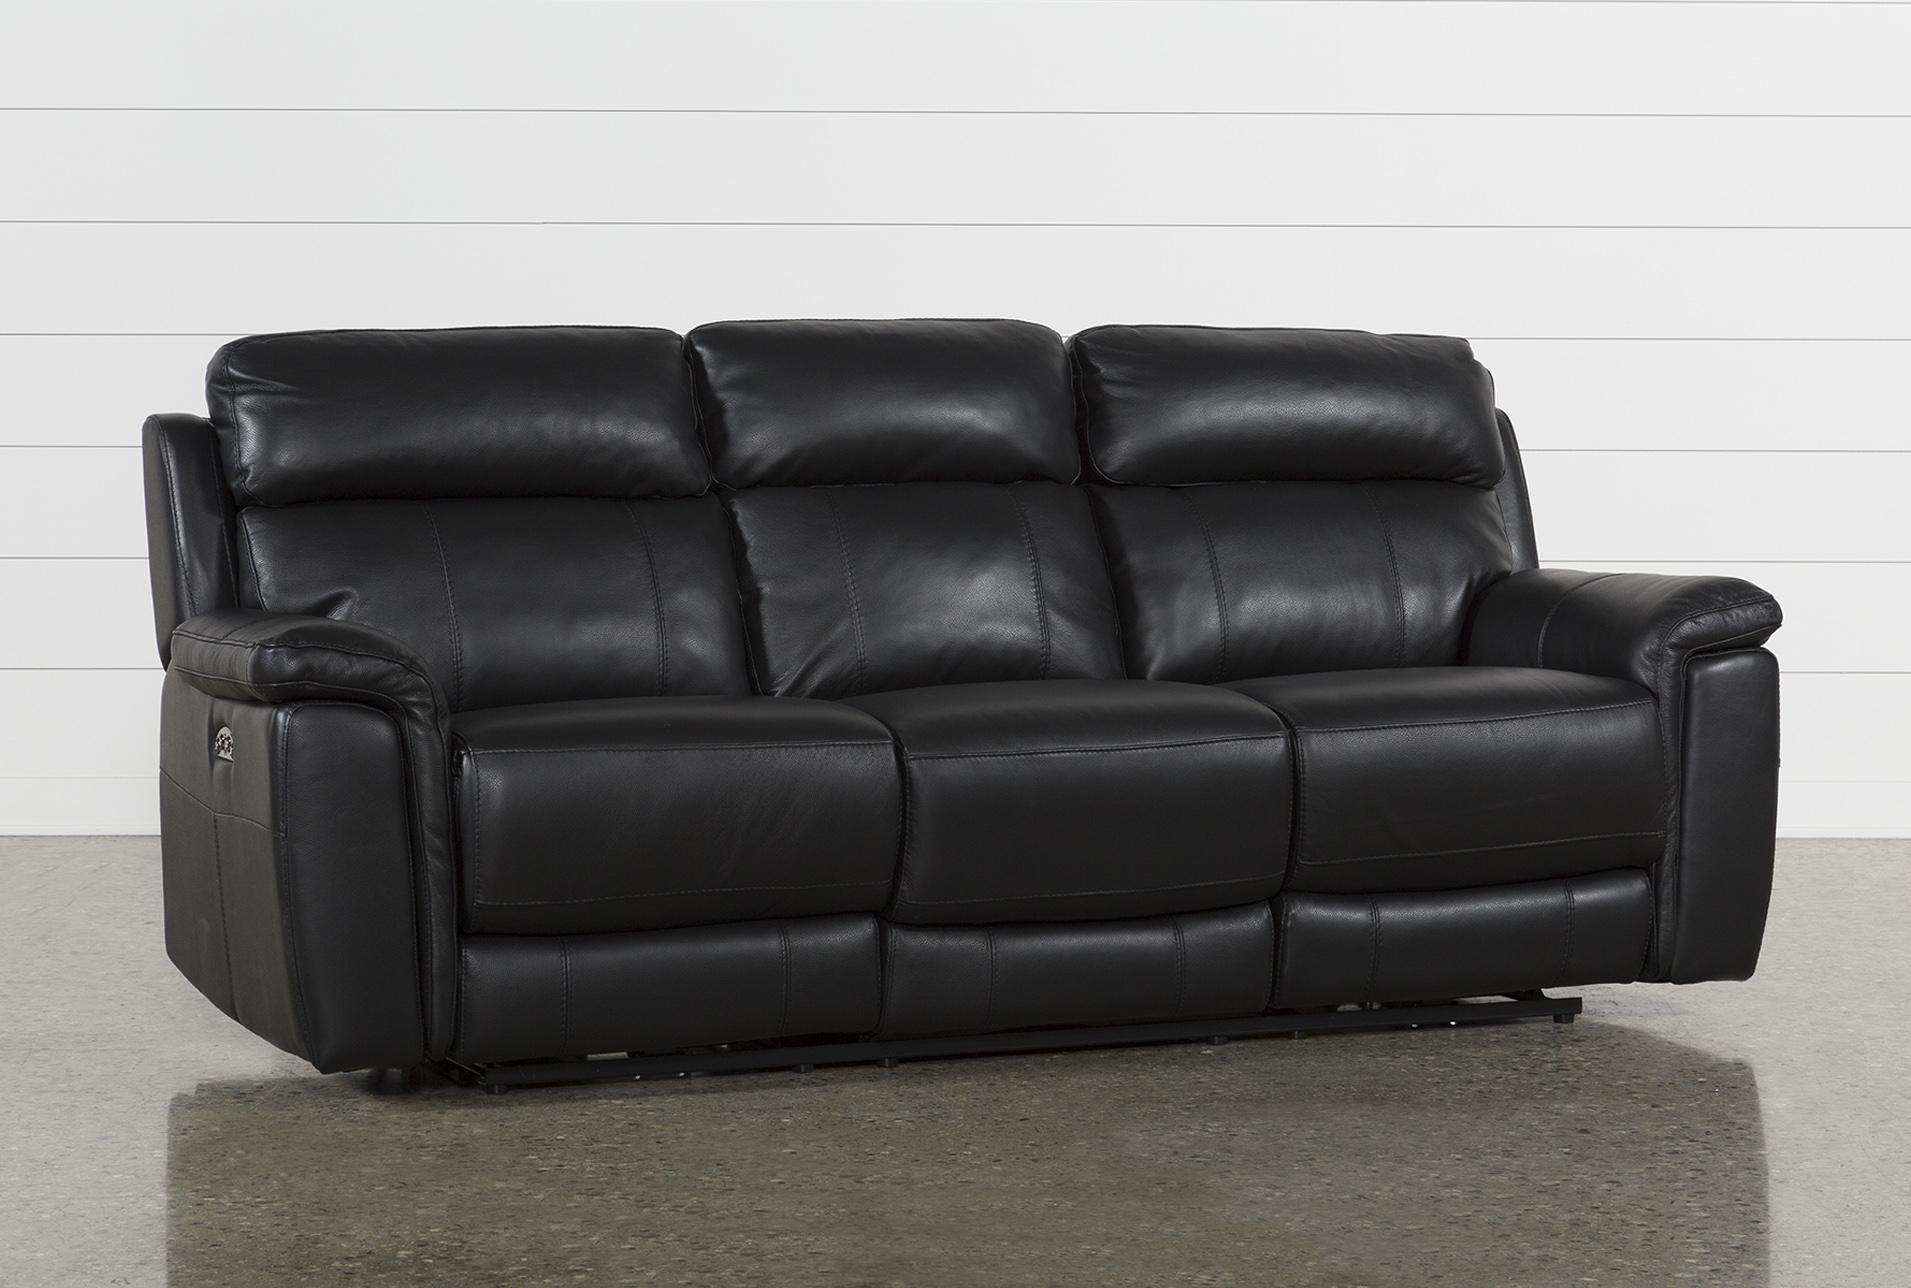 - Dino Black Leather Power Reclining Sofa W/Power Headrest & Usb